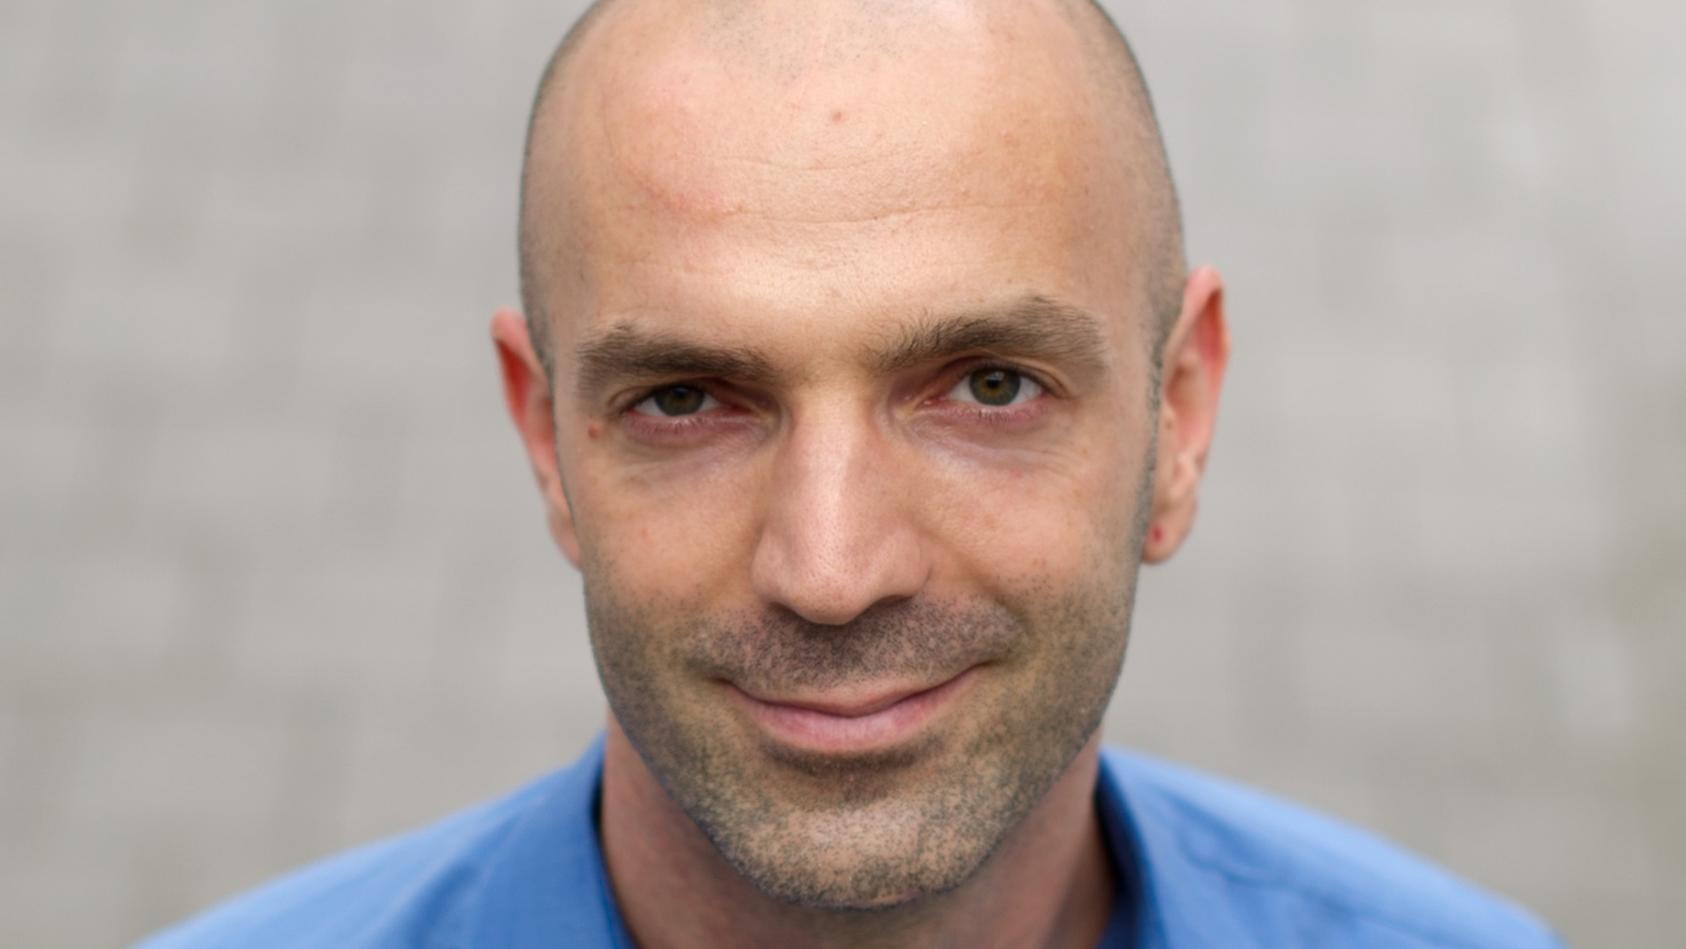 Der Virologe Jonas Schmidt-Chanasit hat eine Professur an der Universität Hamburg inne. Er ist sich sicher: Das Virus wird uns noch sehr lange beschäftigen - wahrscheinlich für immer. (Archivbild)